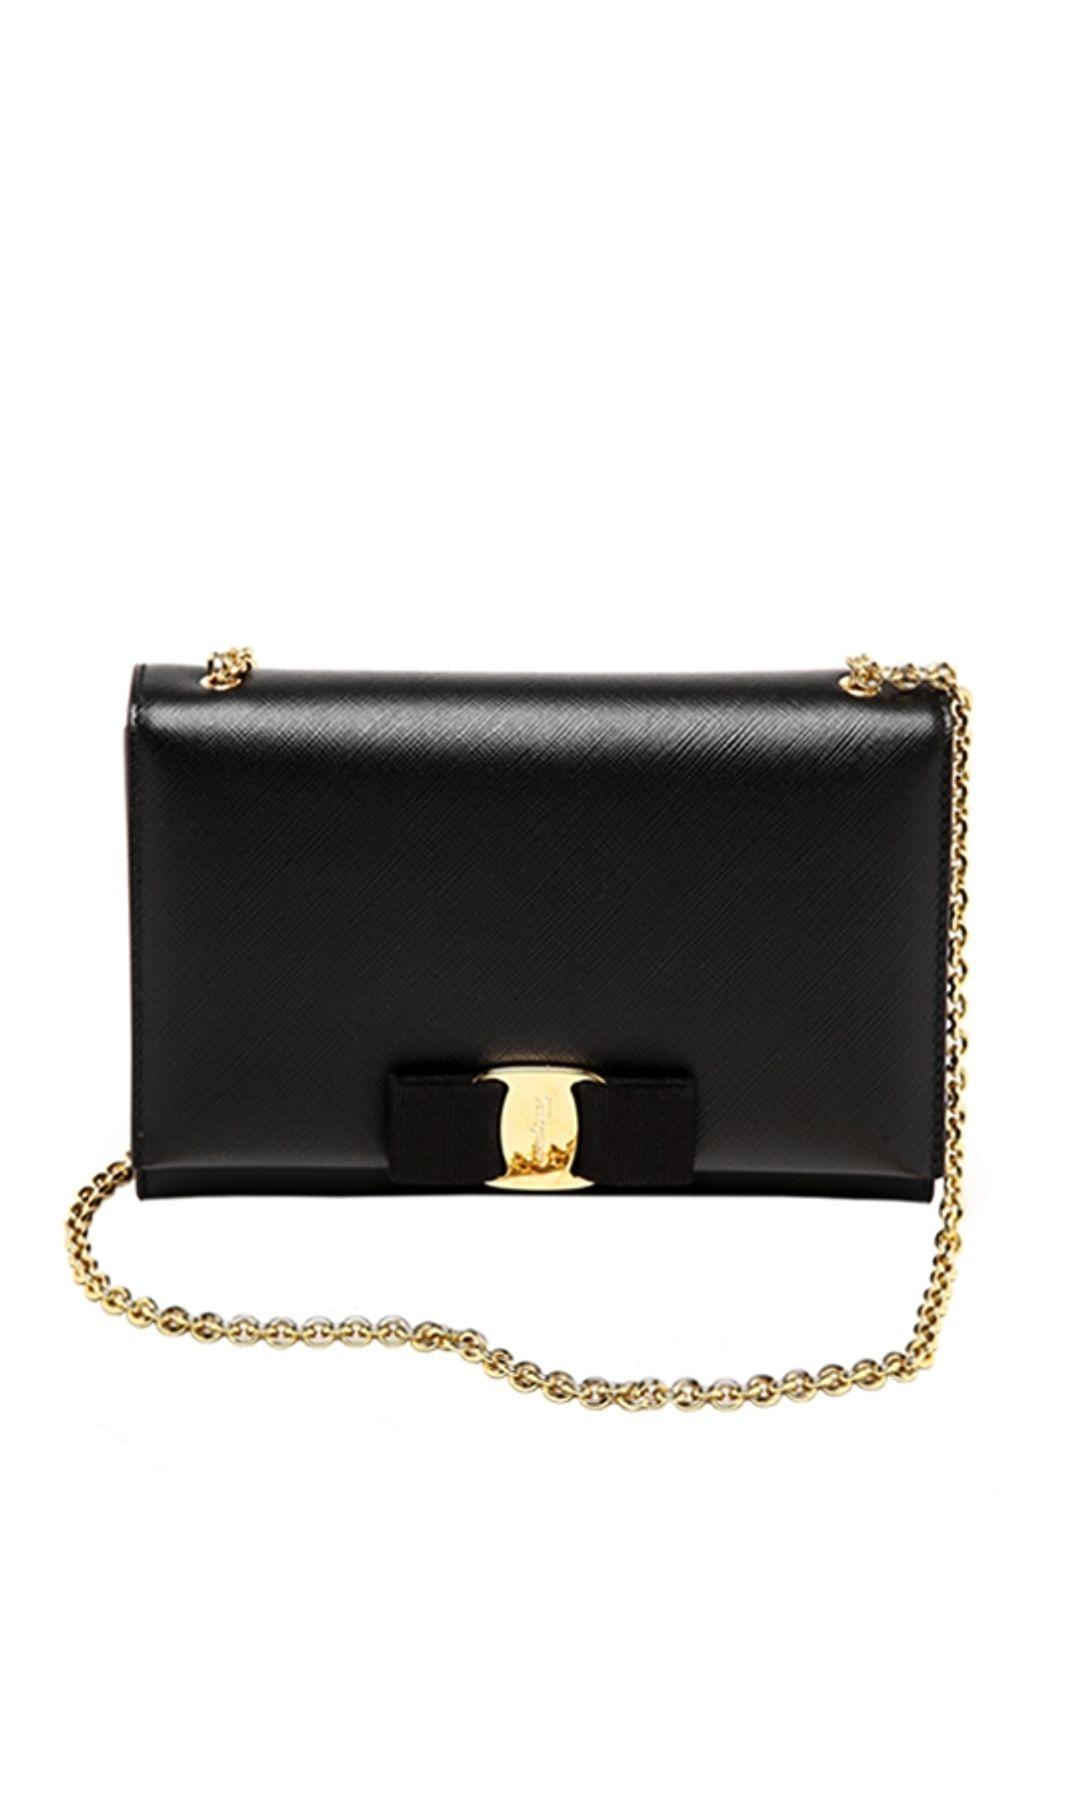 Salvatore Ferragamo - Miss Vara Mini Bag - Black - Front